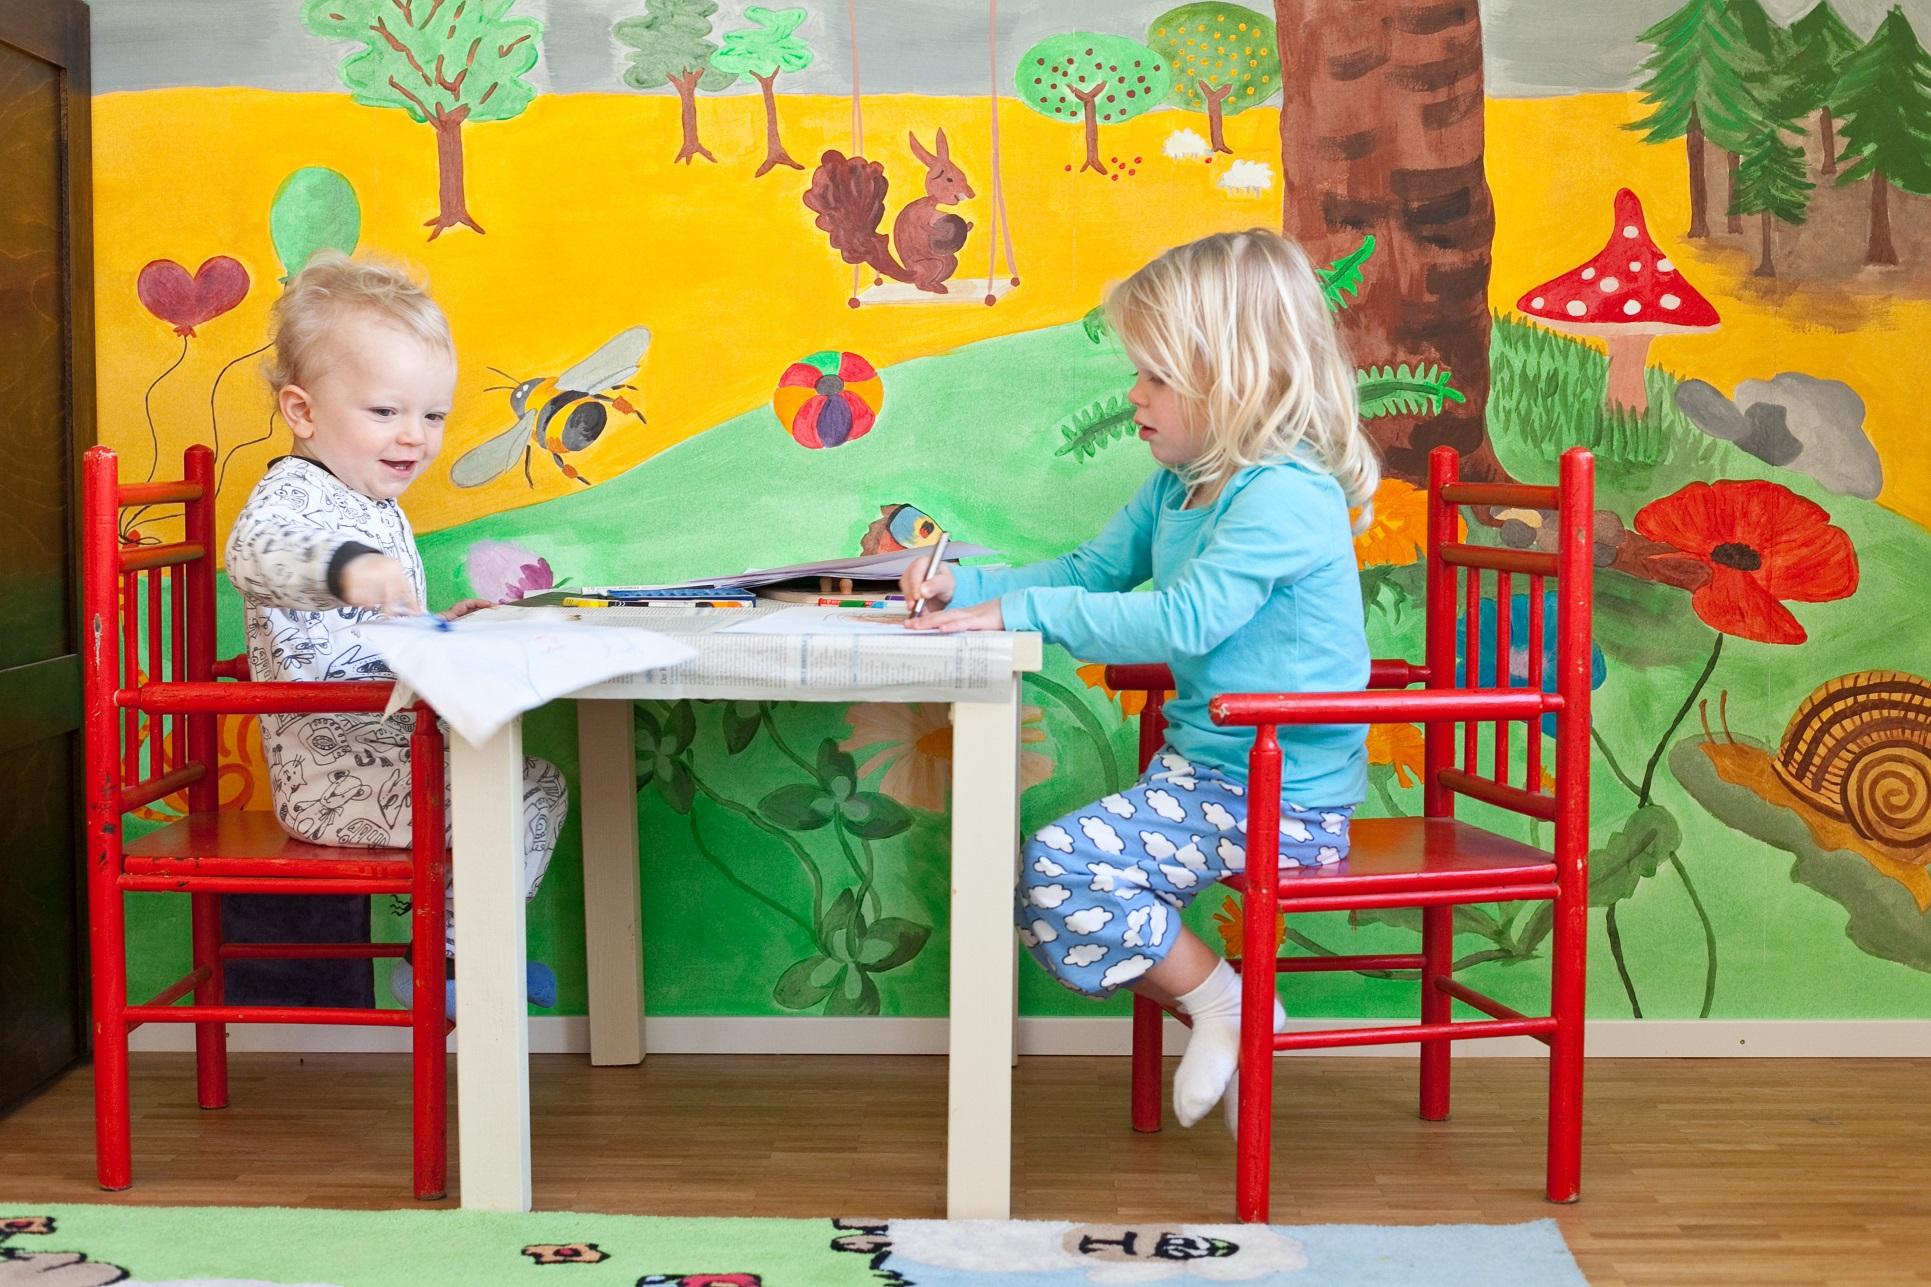 Kinderzimmer Wandgestaltung: die schönsten Ideen!